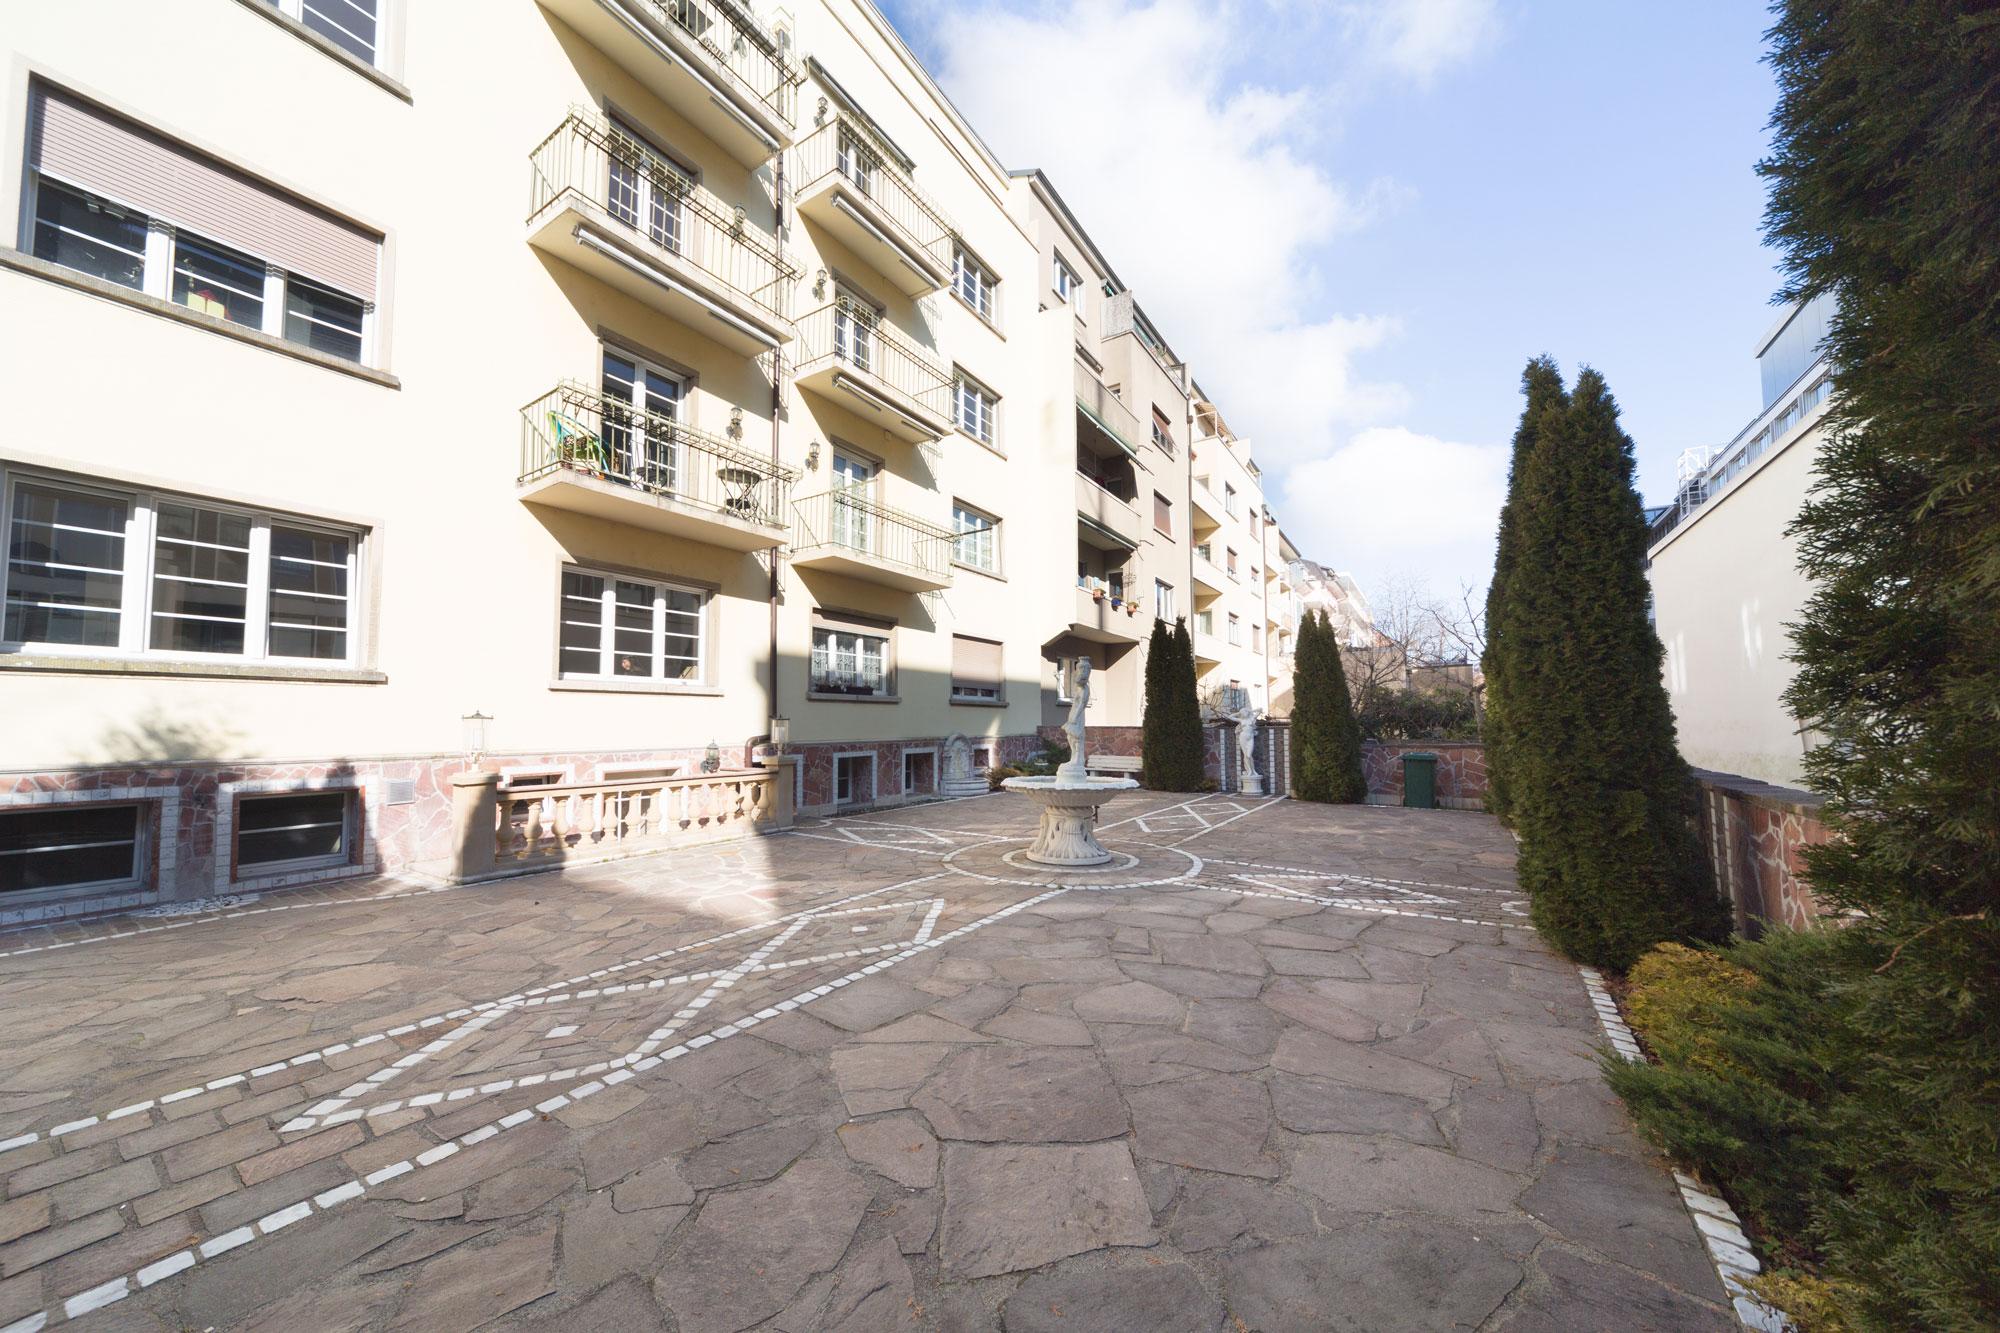 - Ruhige erholsame Lage, schöner Innenhof / Gartenanlage.